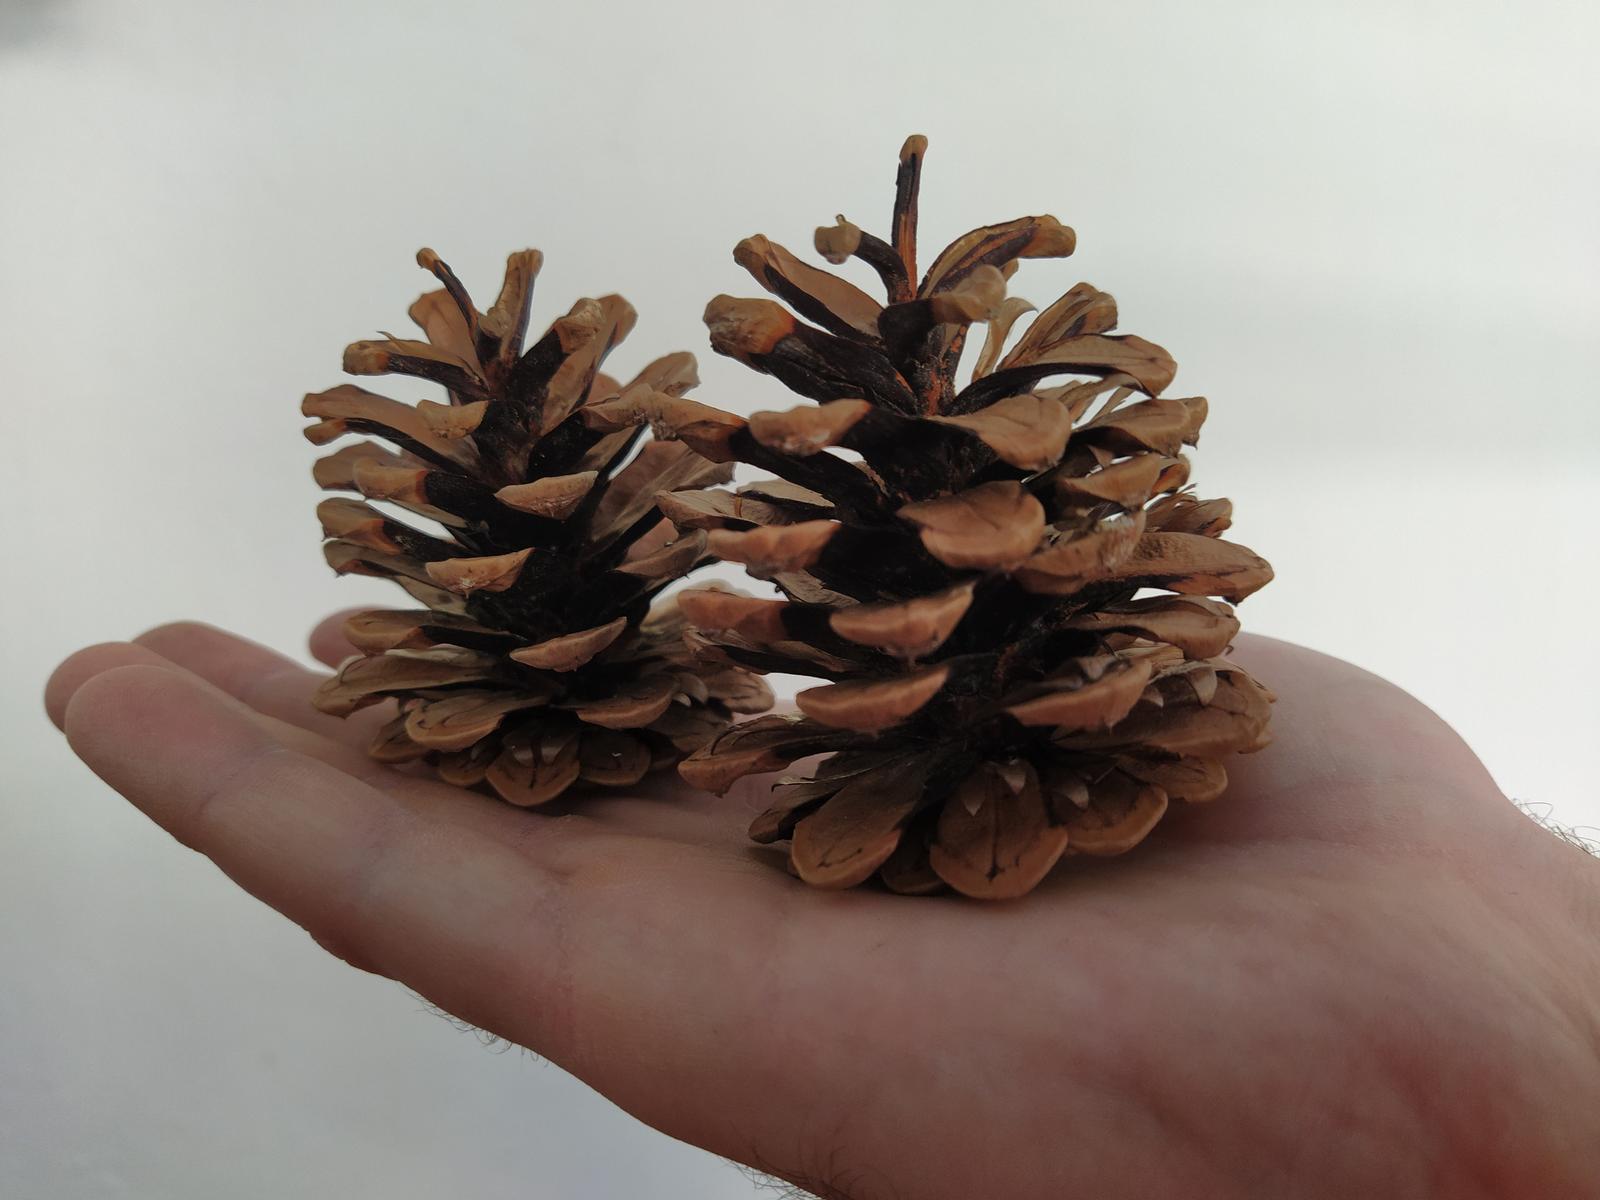 Přírodniny - borovicové šišky - Obrázek č. 1